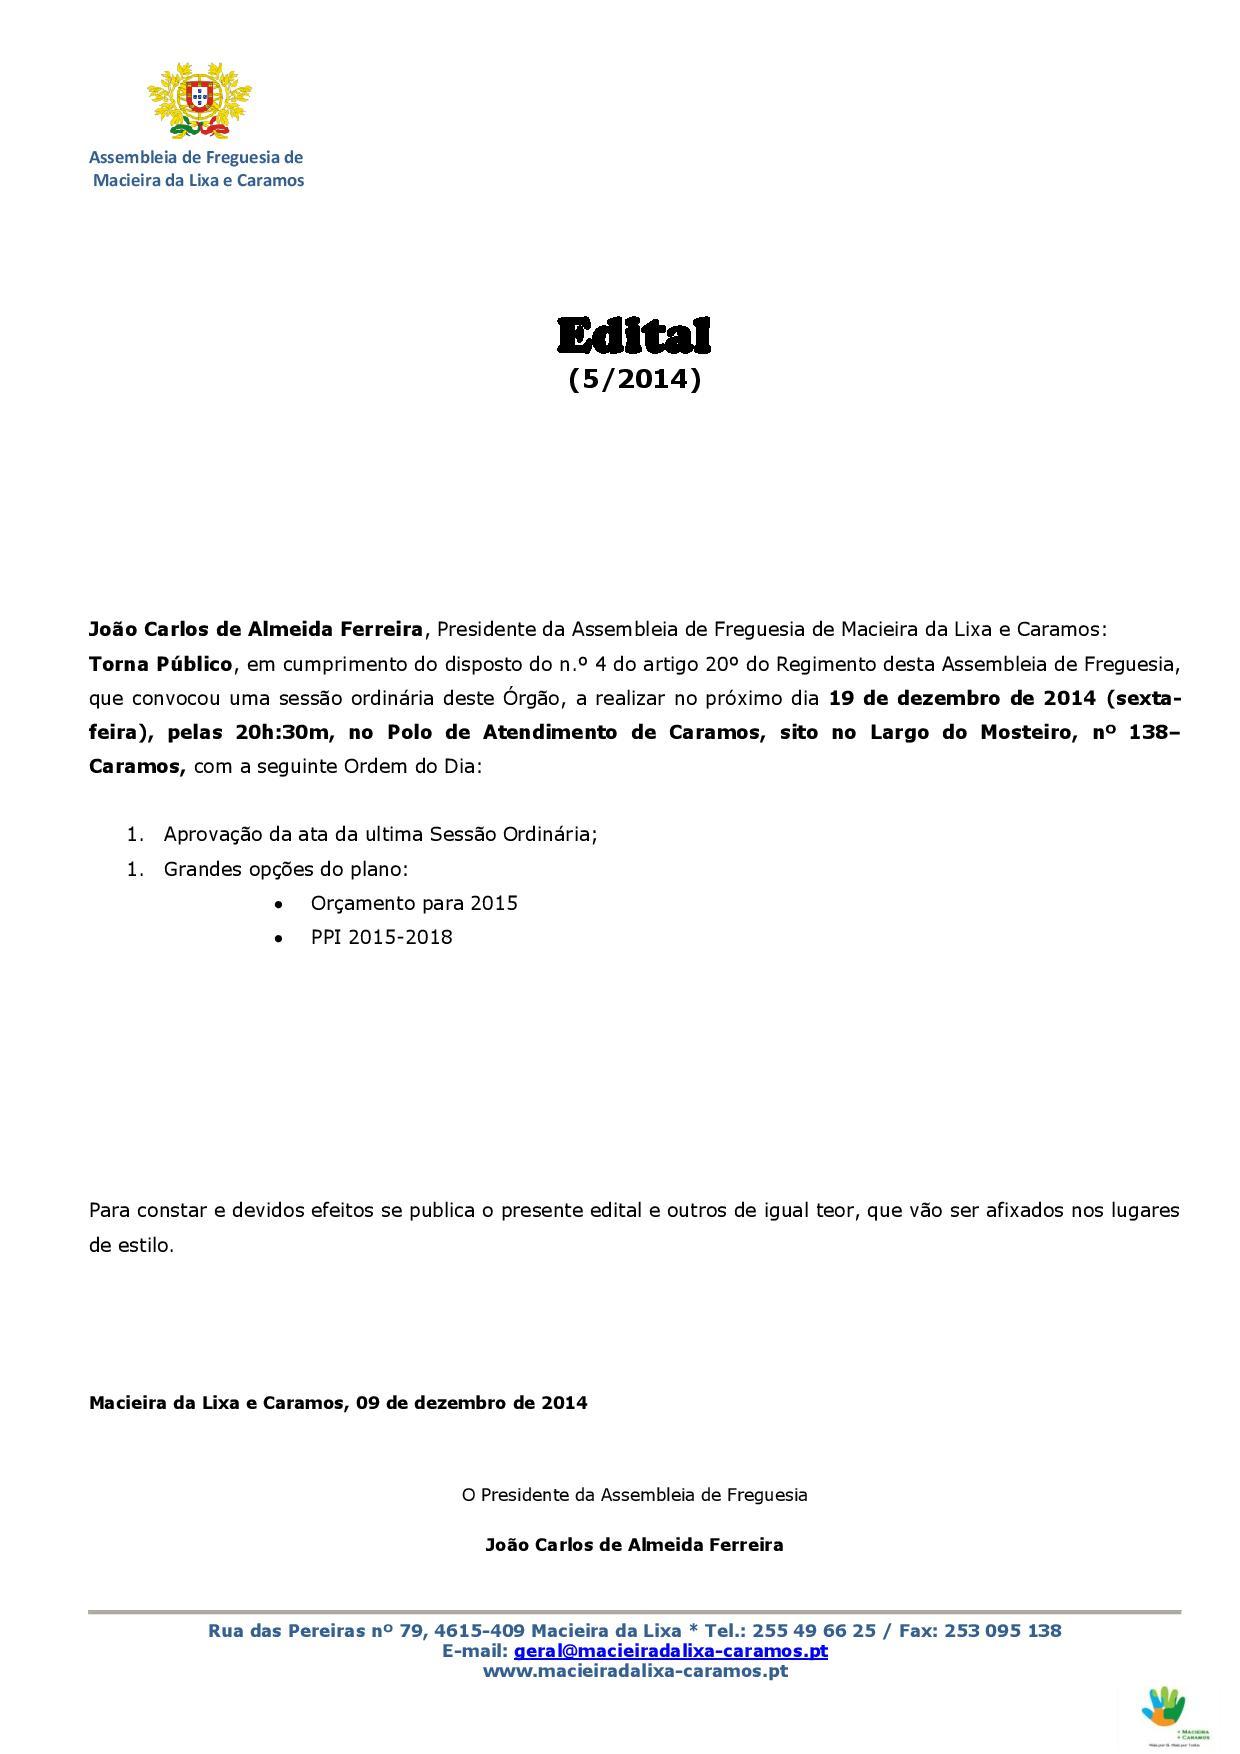 Ediatl nº 052014_Assembleia de Freguesia